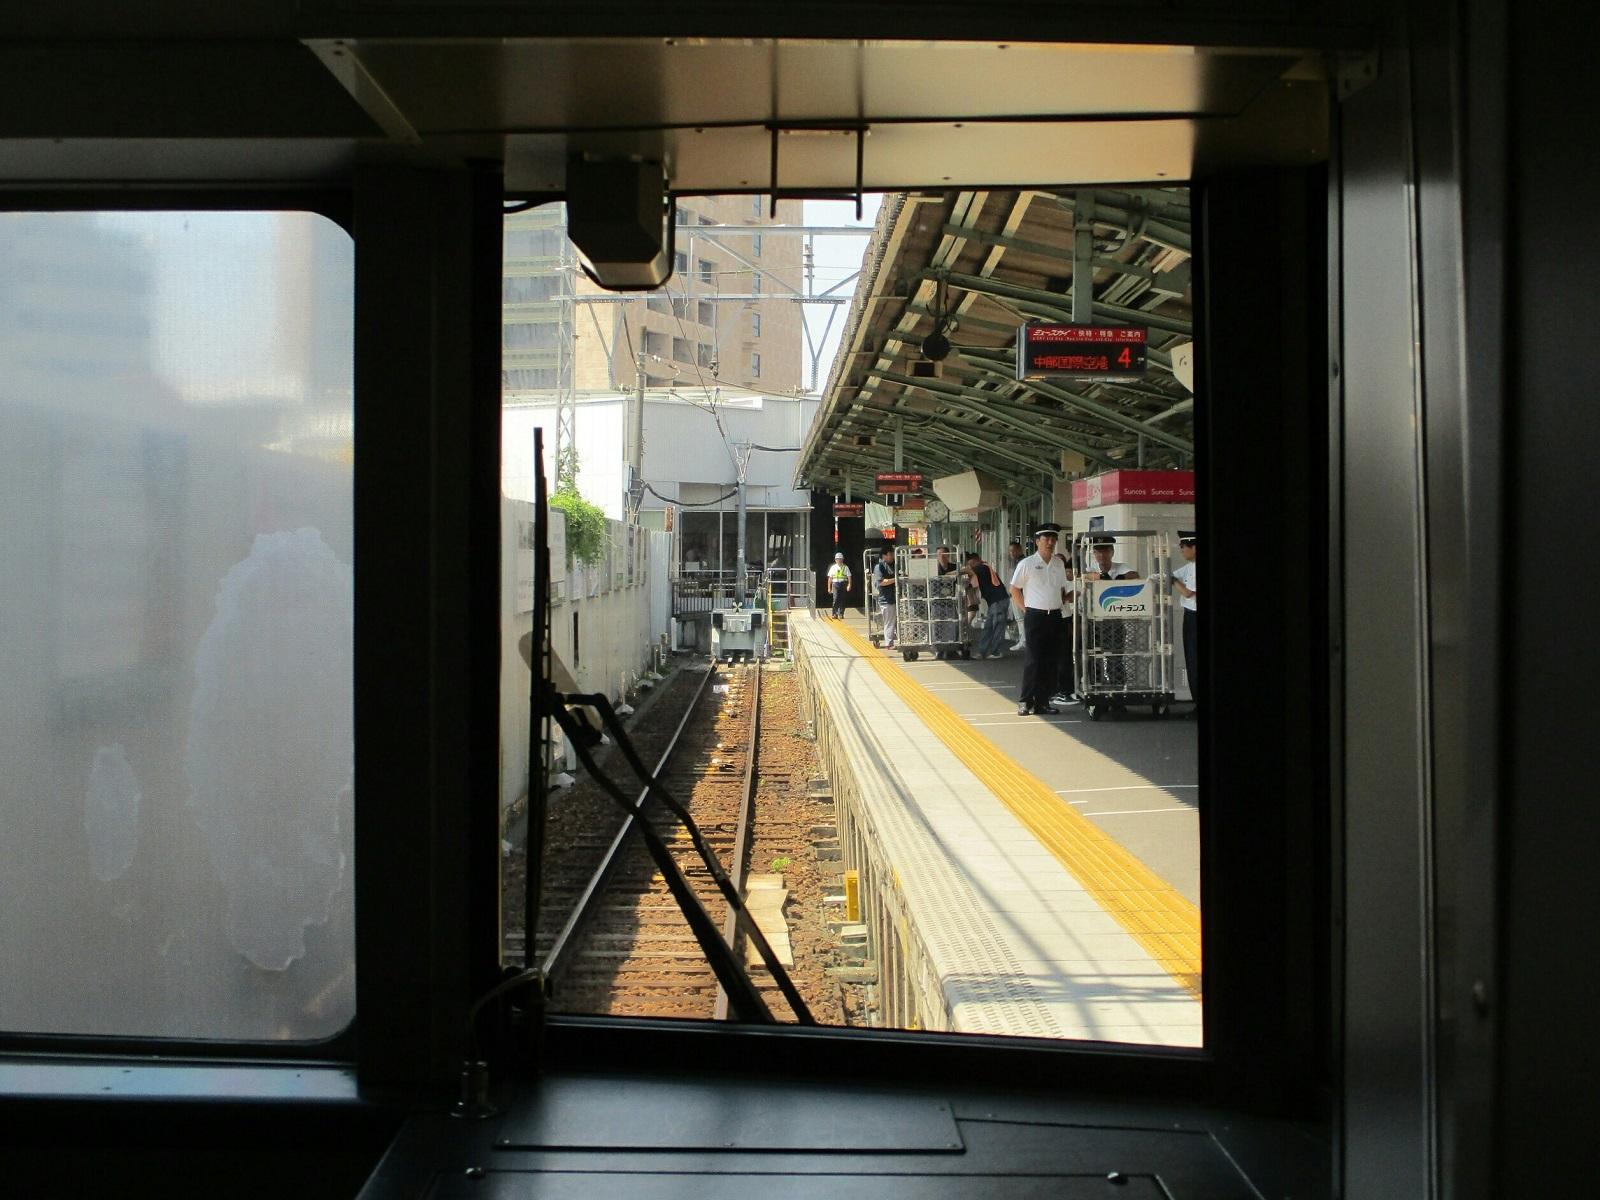 2018.7.18 (144) 岐阜いき特急 - 岐阜 1600-1200